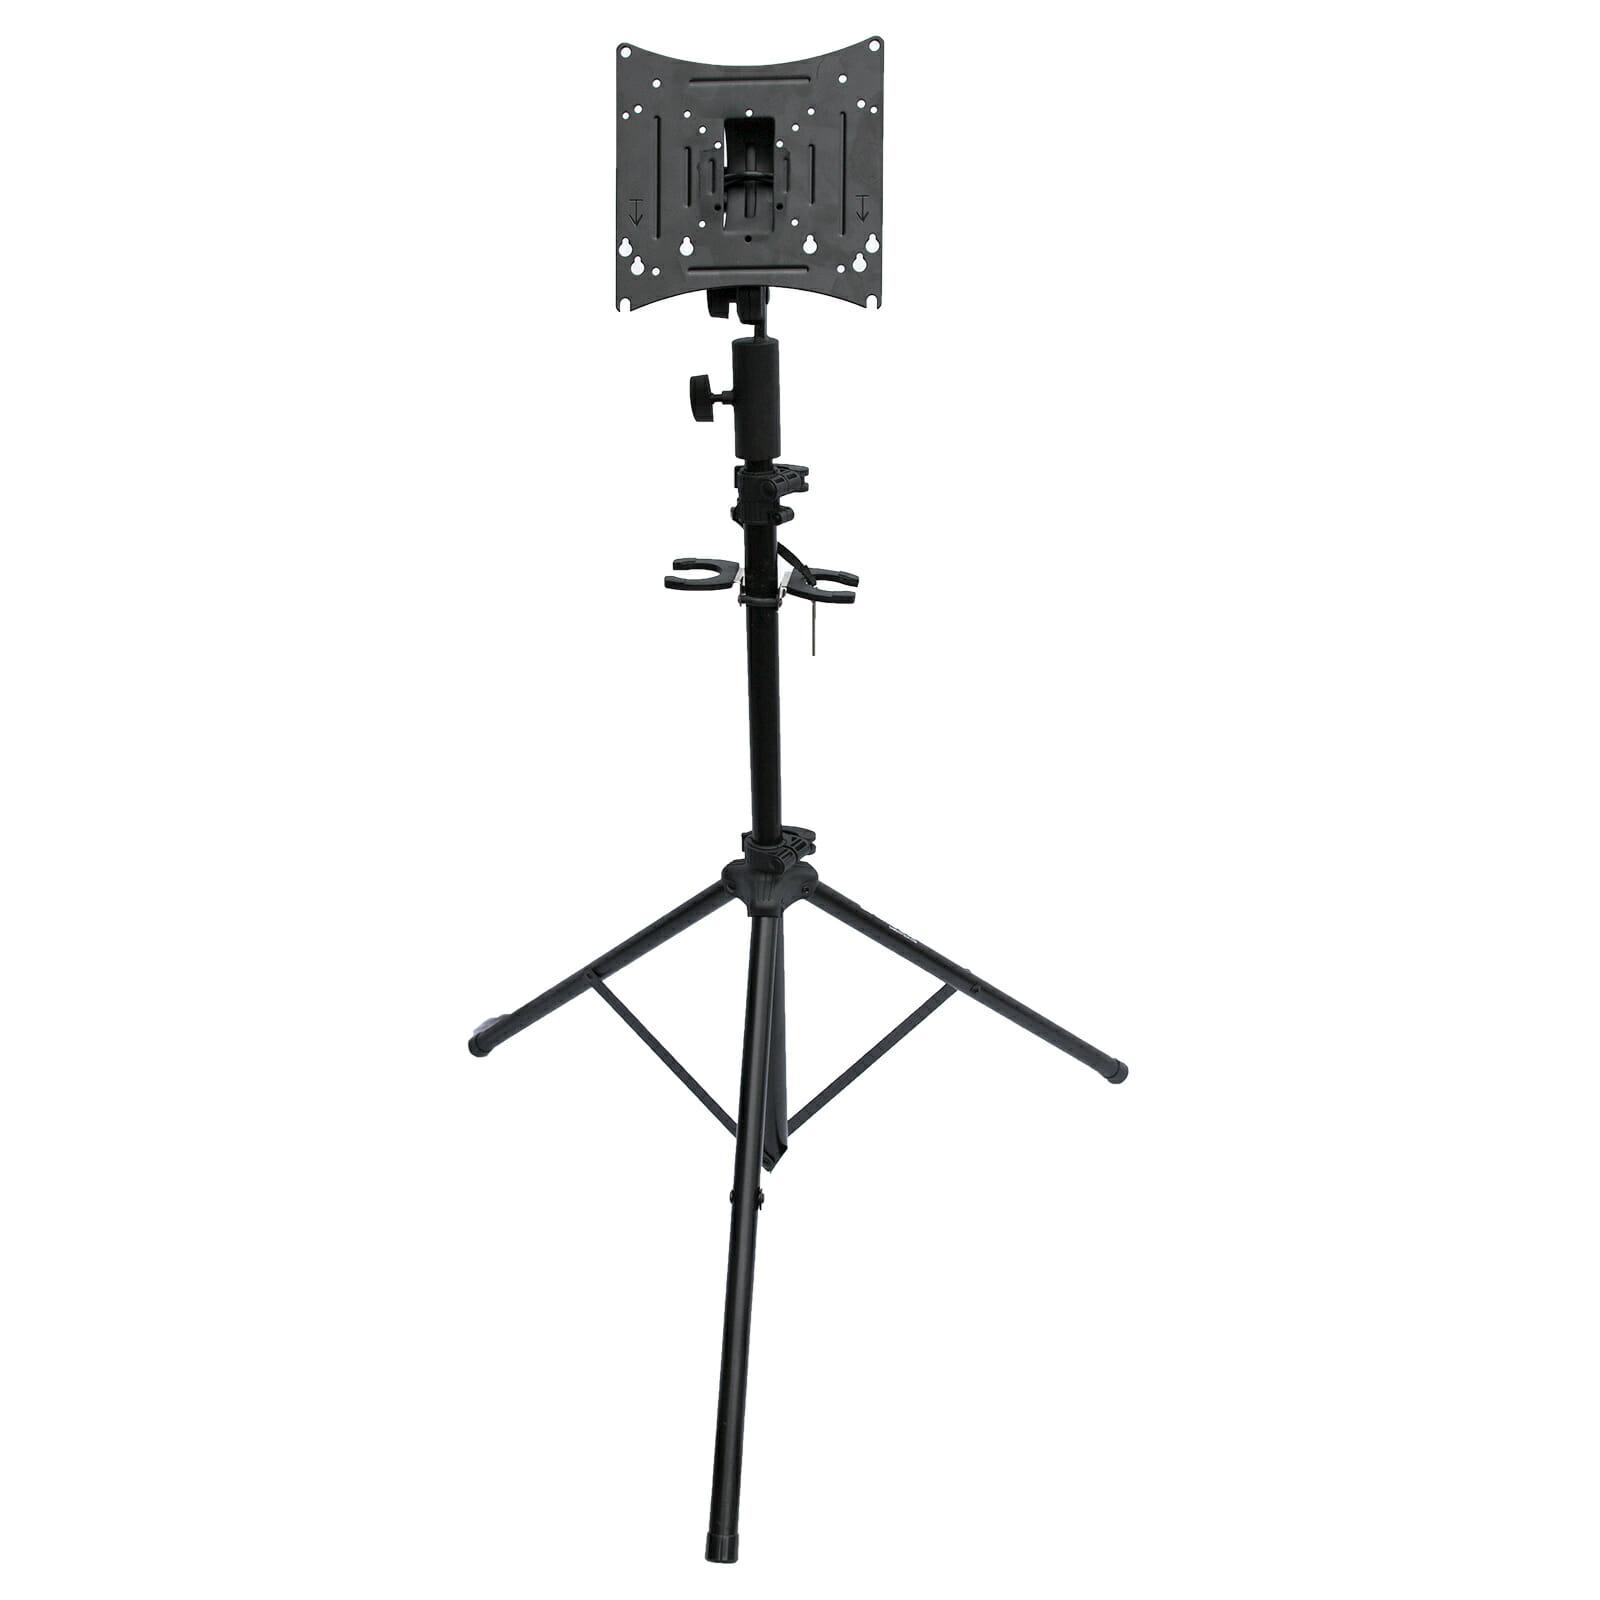 Australian Karaoke Vesa Mount Set Australian Karaoke Pty Ltd